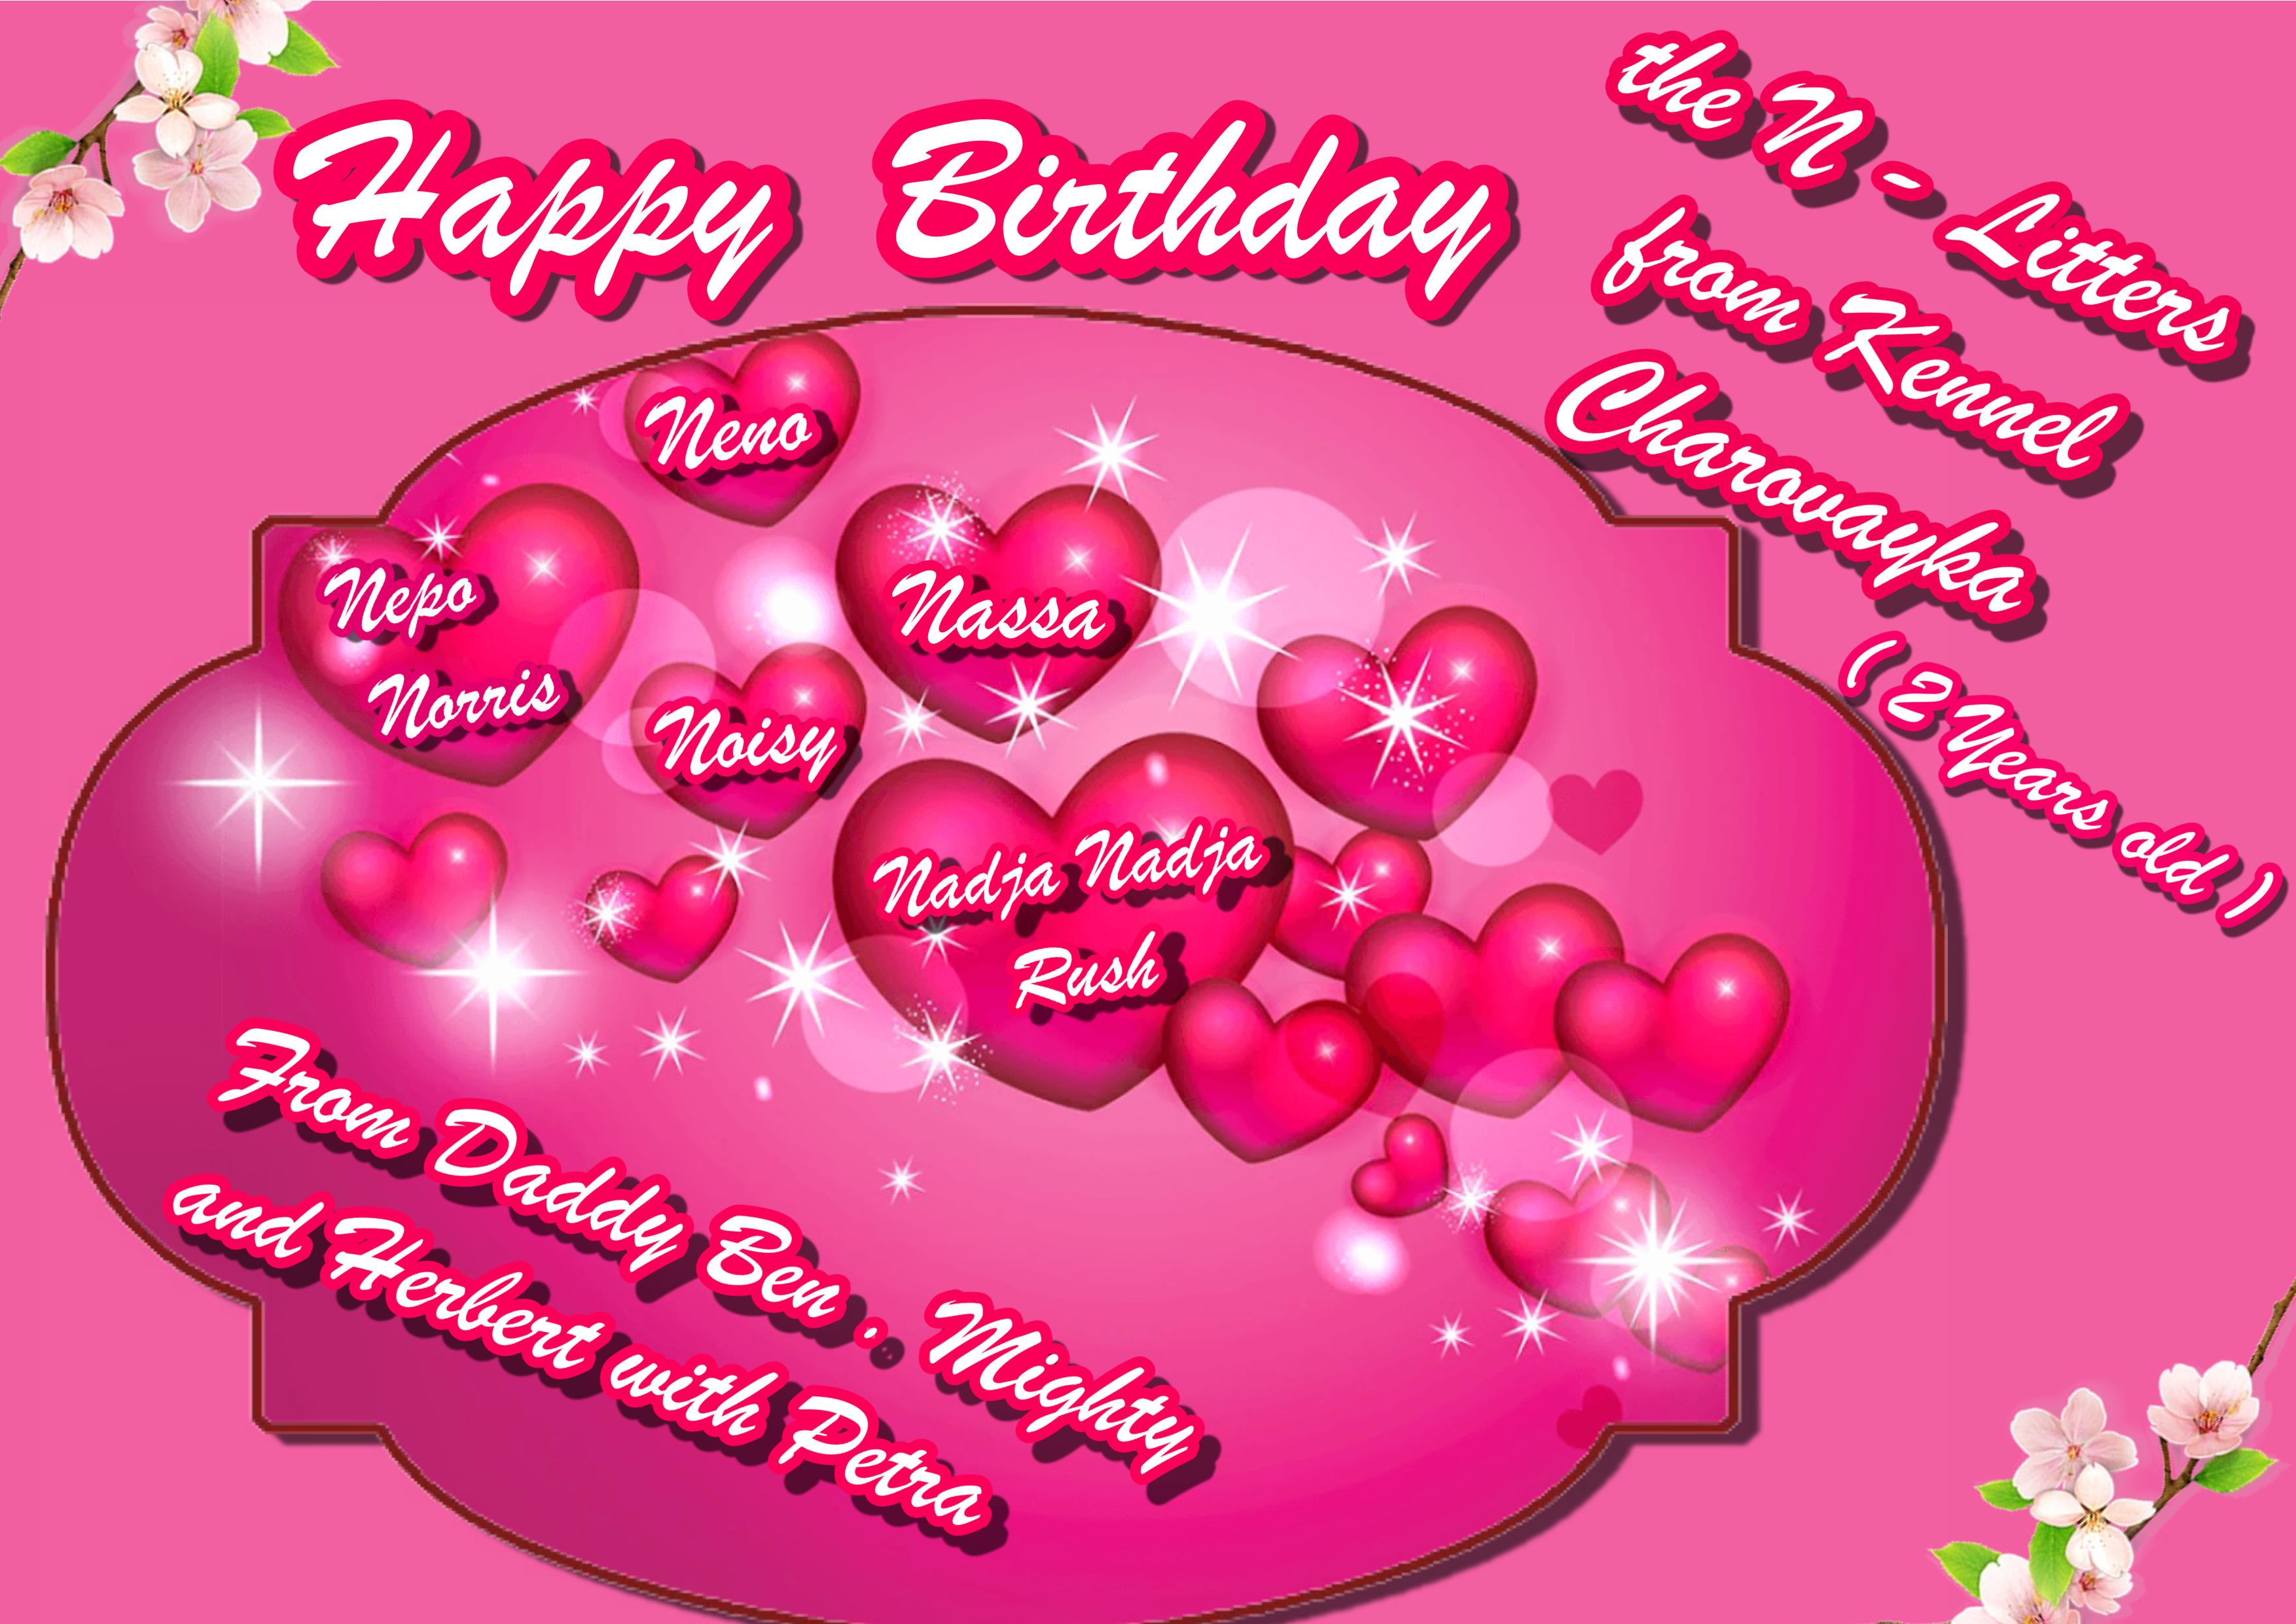 Herzlichen Glückwunsch Zum 2 Geburtstag